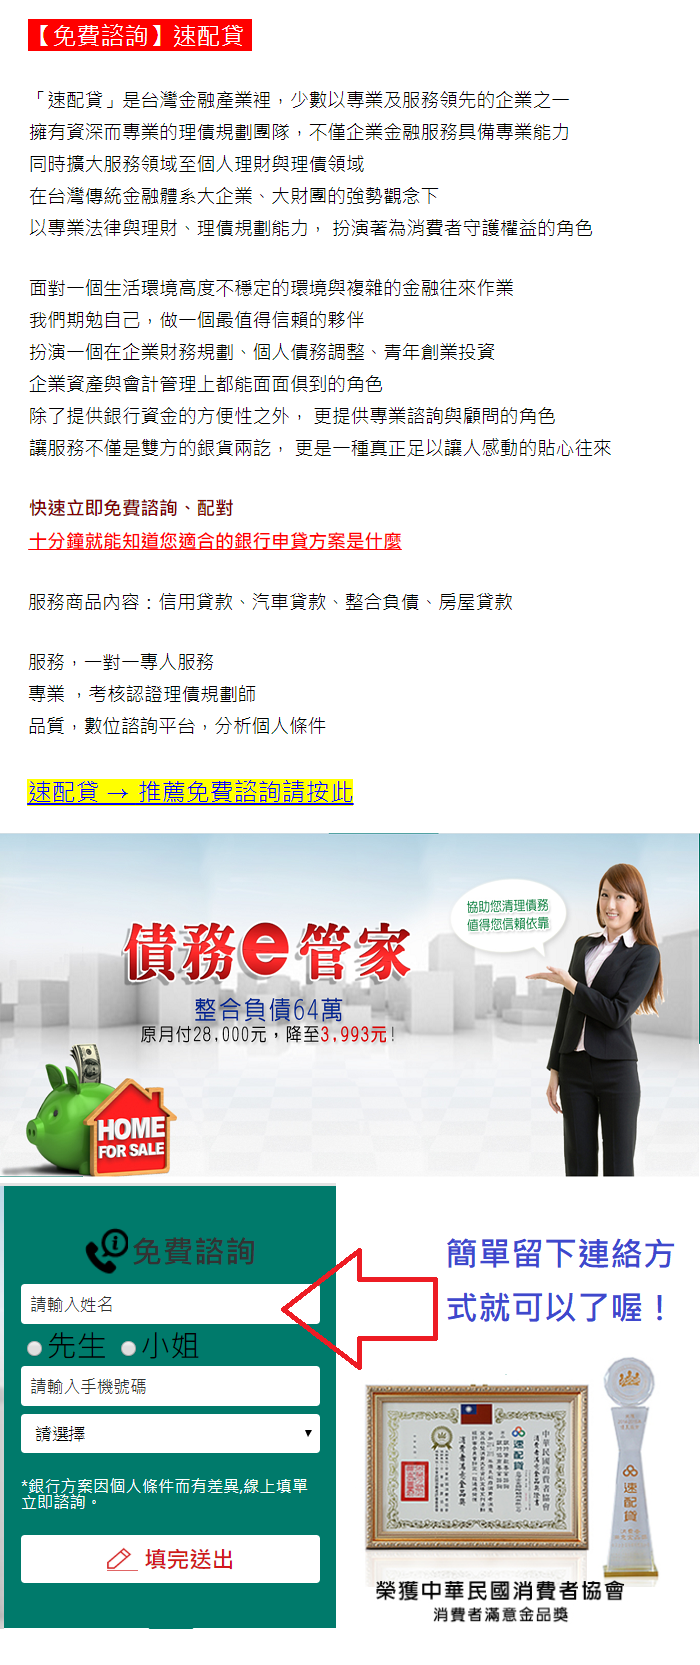 企業貸款利率方法